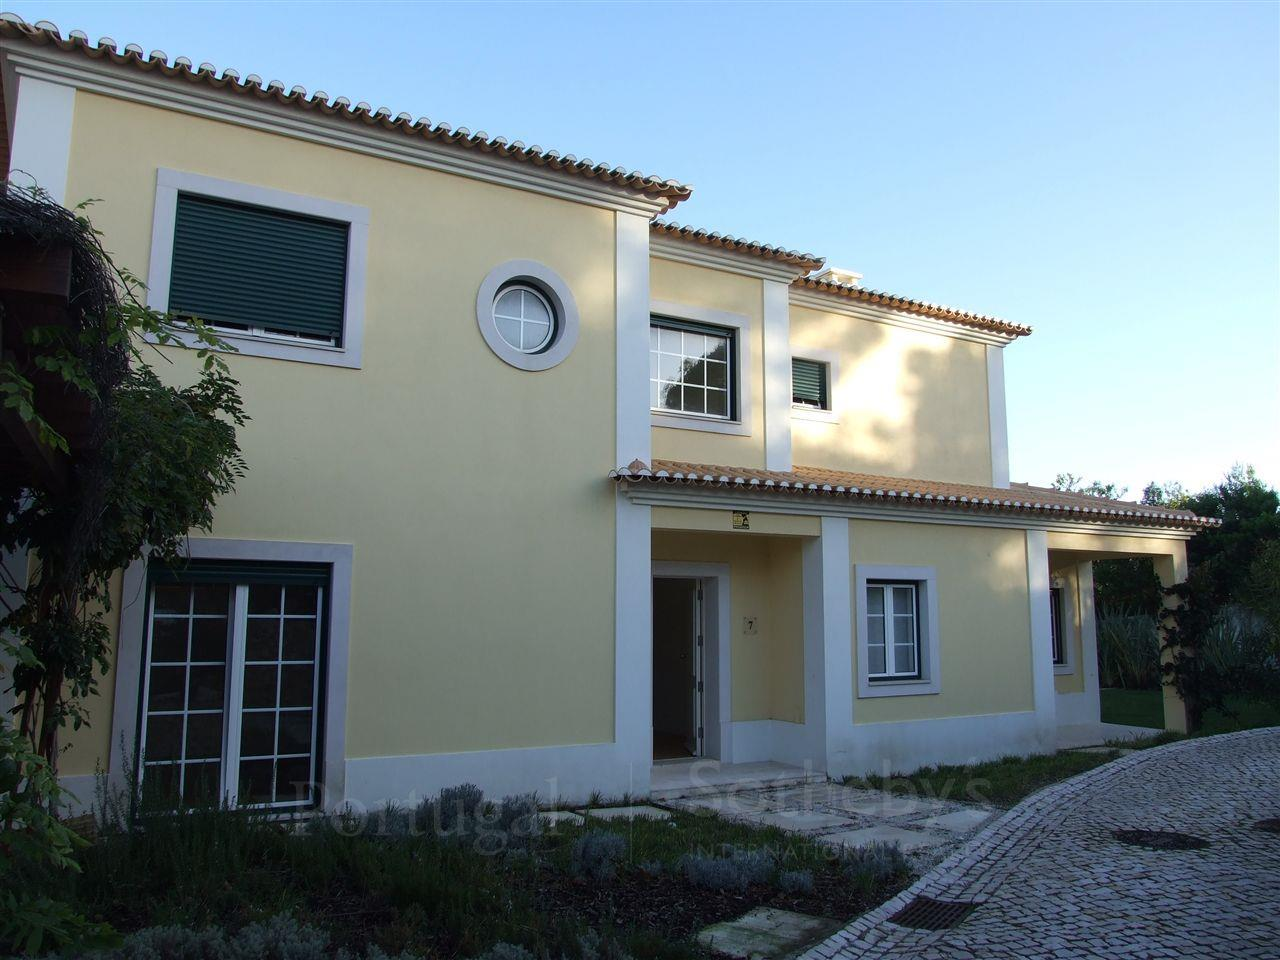 Maison unifamiliale pour l Vente à House, 4 bedrooms, for Sale Bicesse, Cascais, Lisbonne Portugal